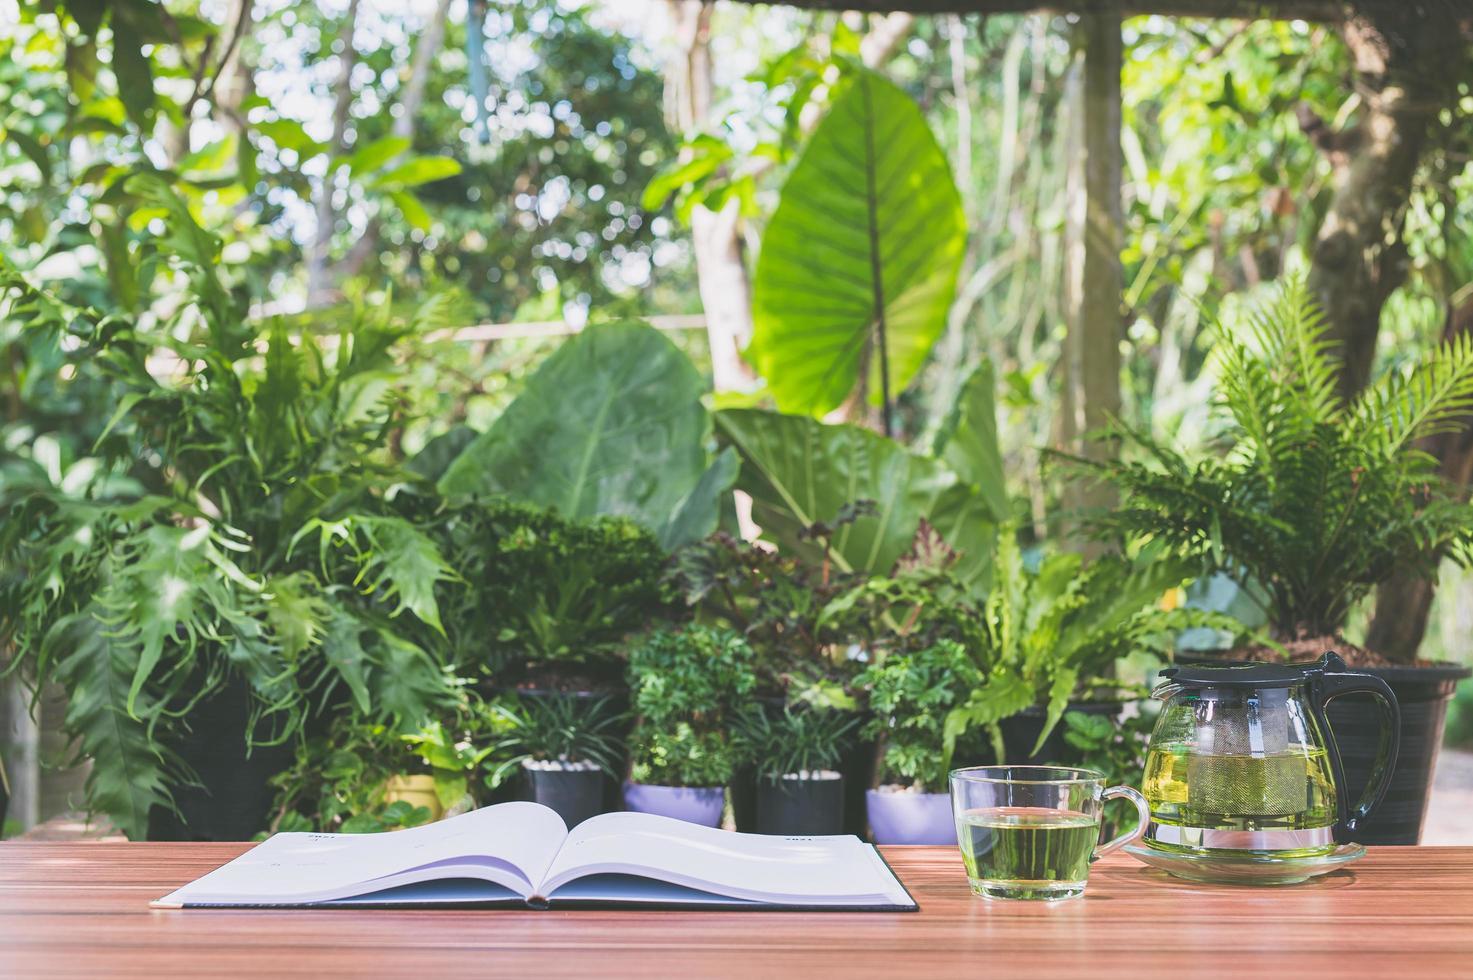 livre sur le bureau, fond nature photo